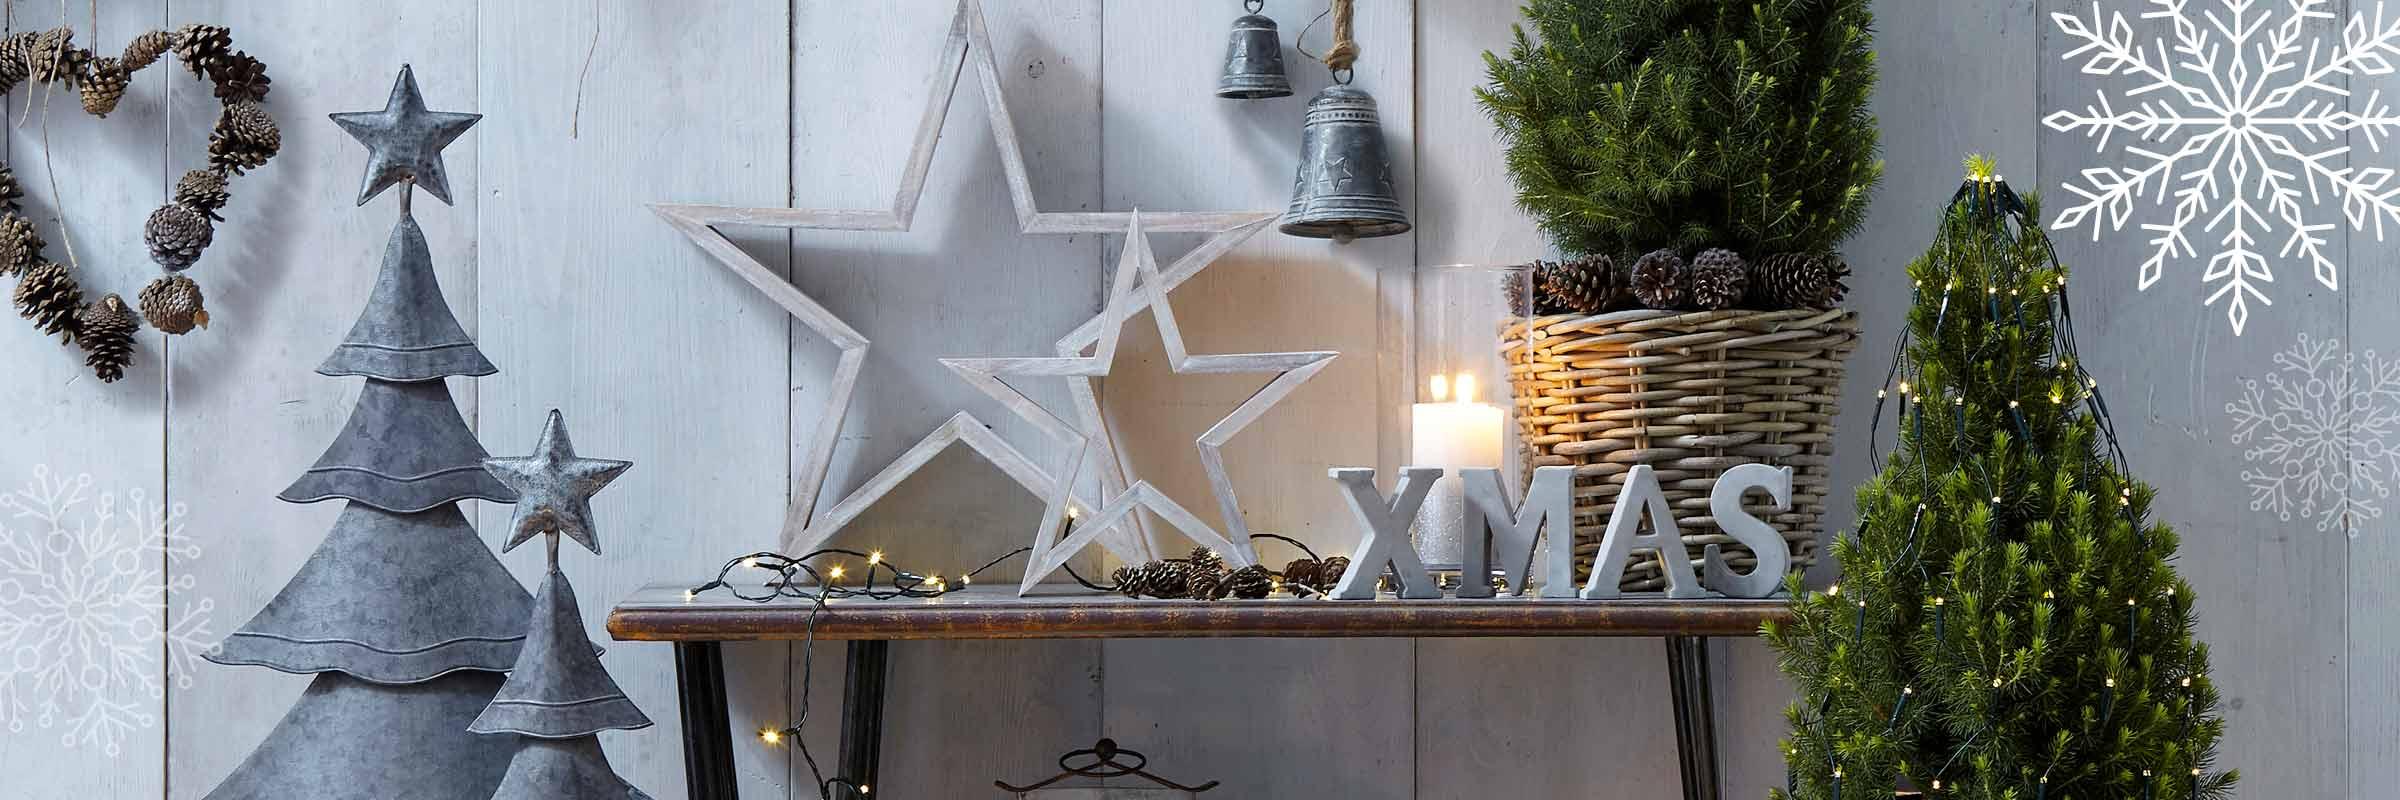 1 Weihnachten.Weihnachten Mit Top Artikel Im Online Shop Dehner